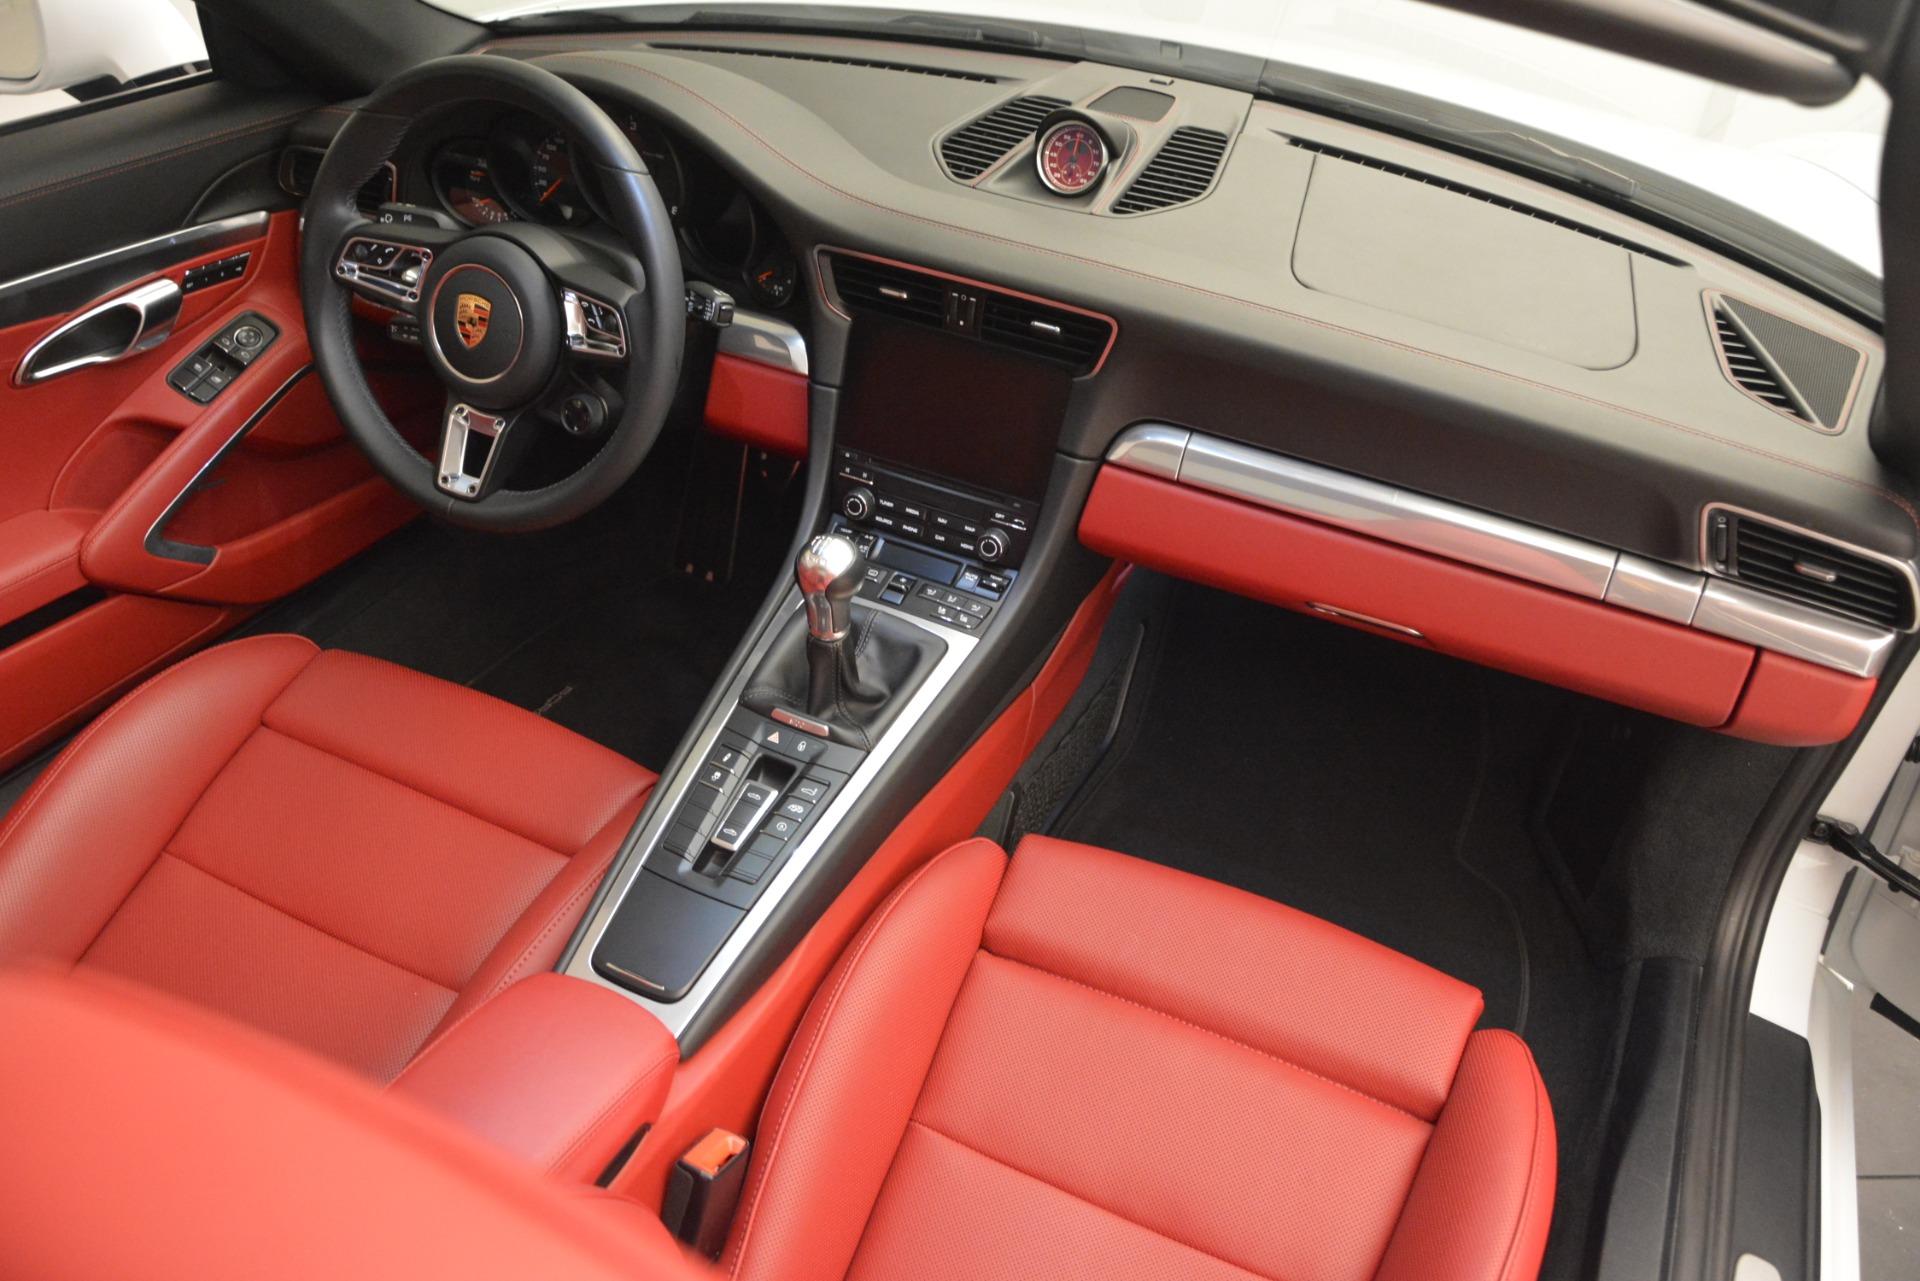 Used 2017 Porsche 911 Targa 4S For Sale In Westport, CT 2593_p21